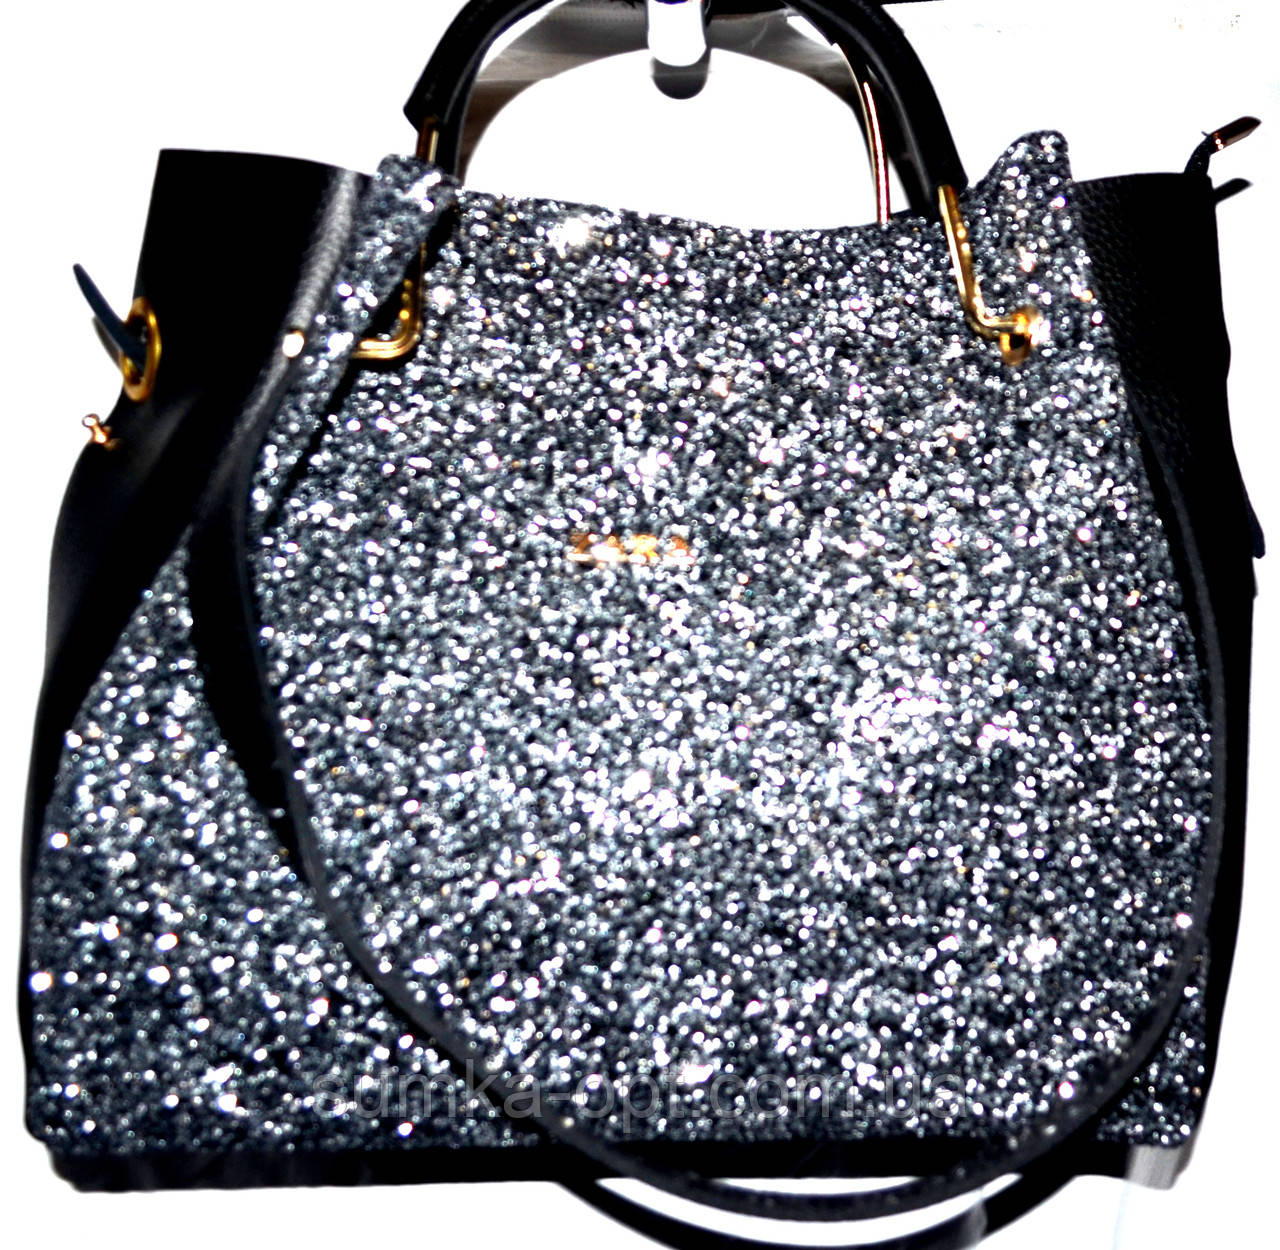 e38ded58d64c Женские брендовые сумки 2-в-1 Zara (серебро блестки)30*32см, цена ...